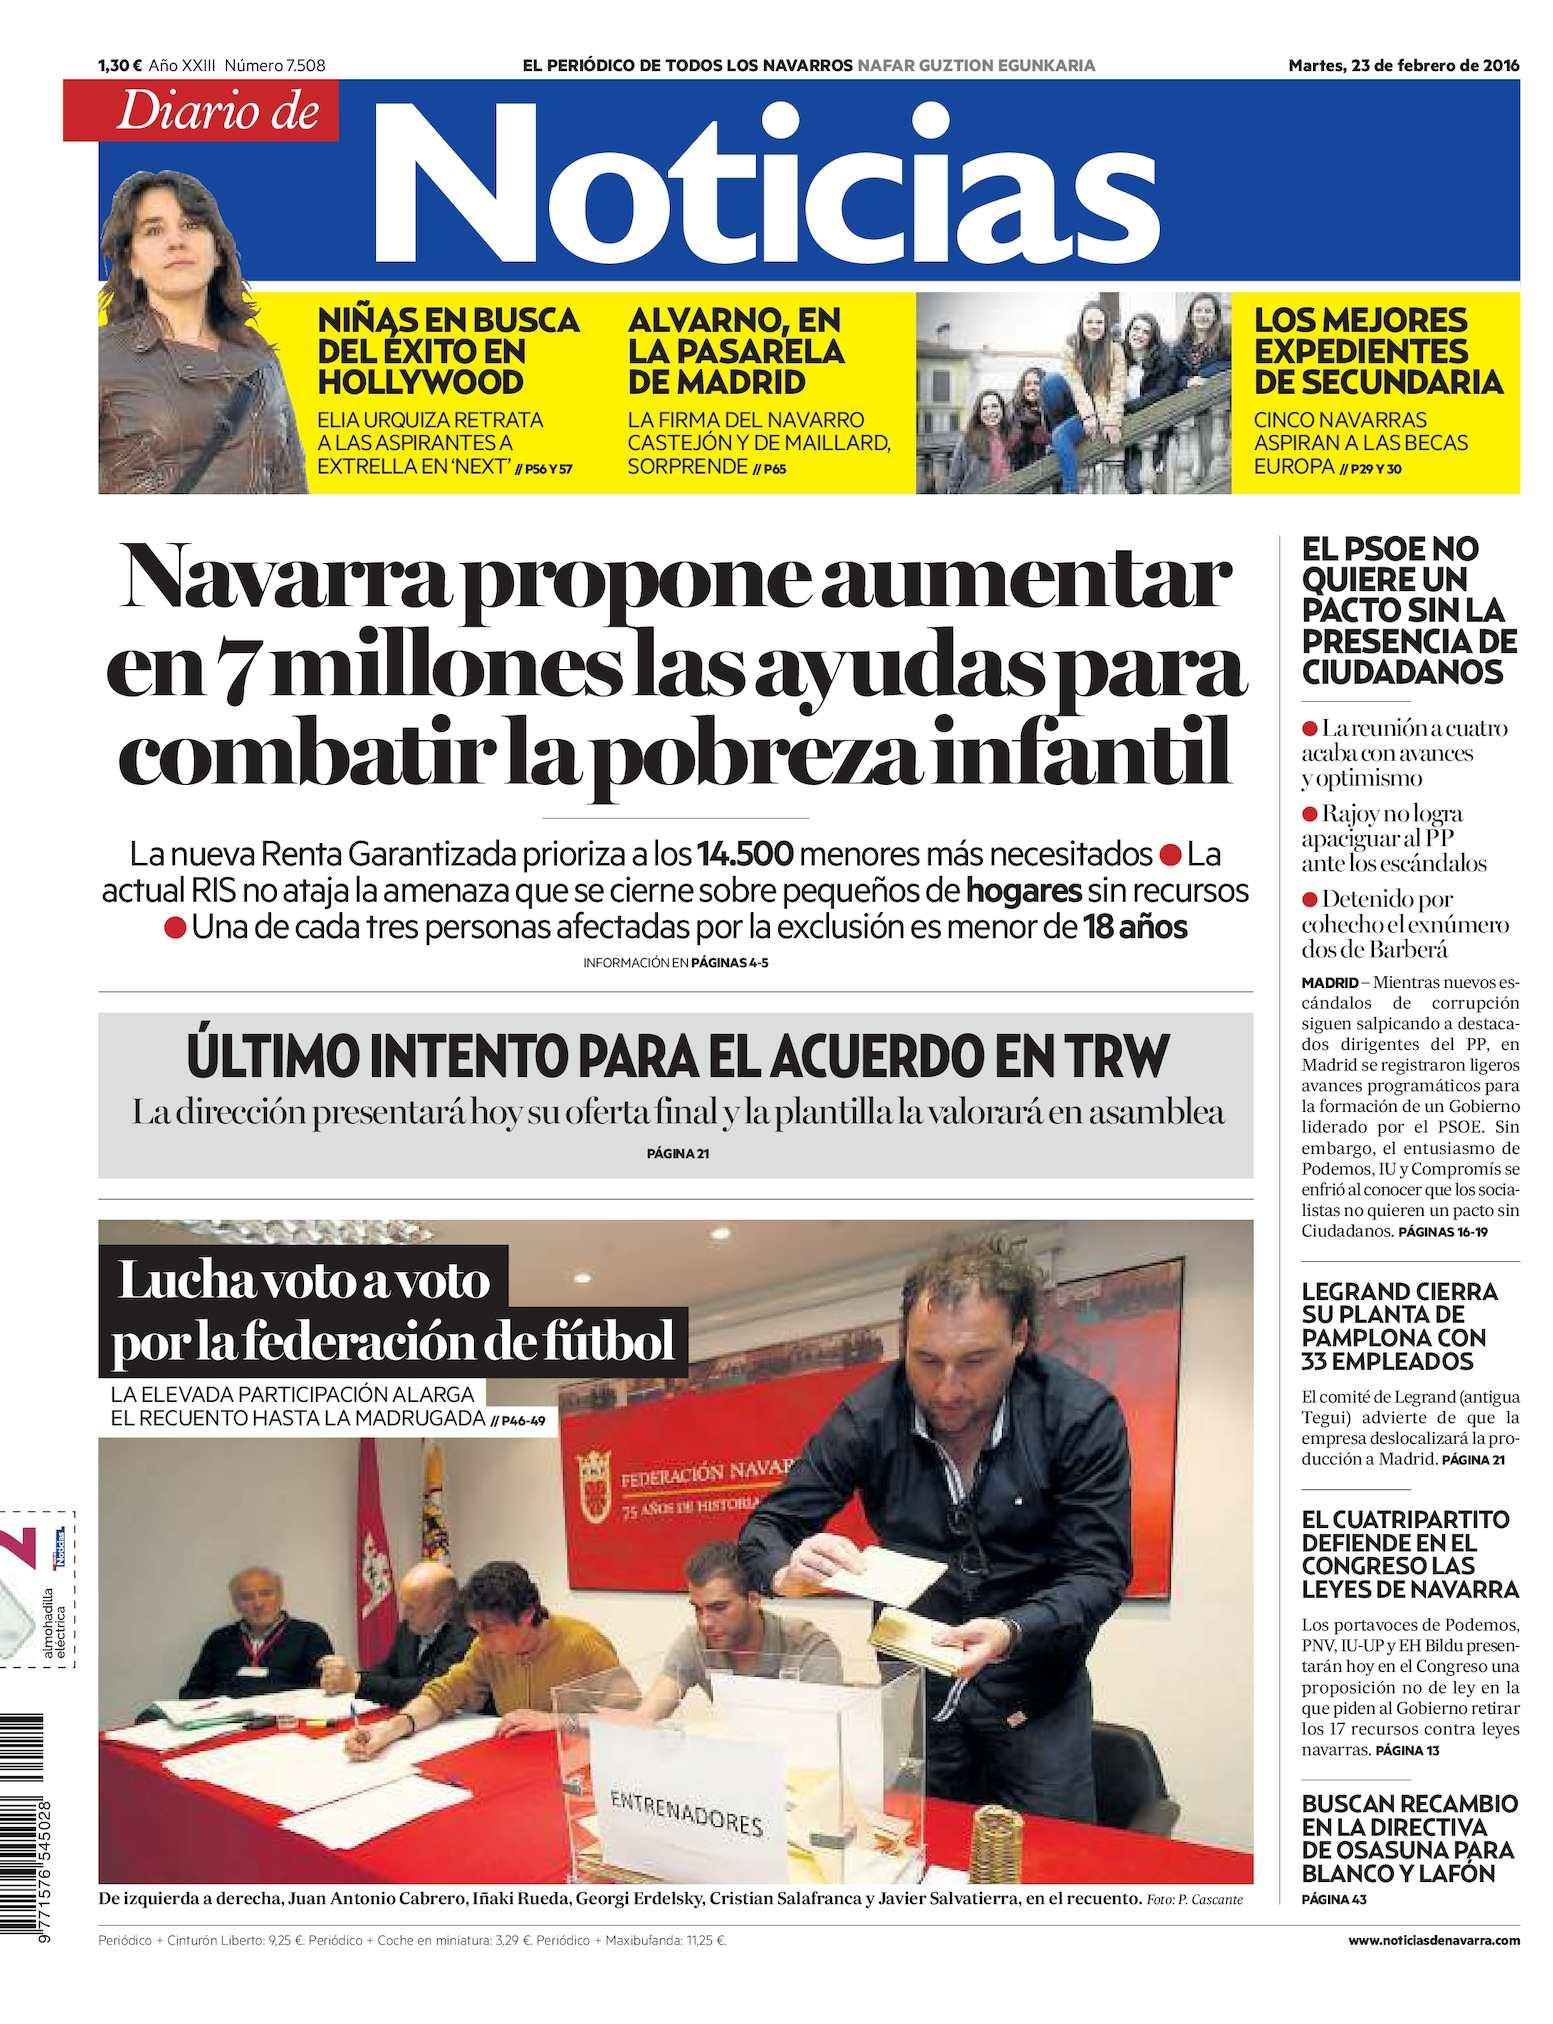 Calaméo - Diario de Noticias 20160223 776a8189e12